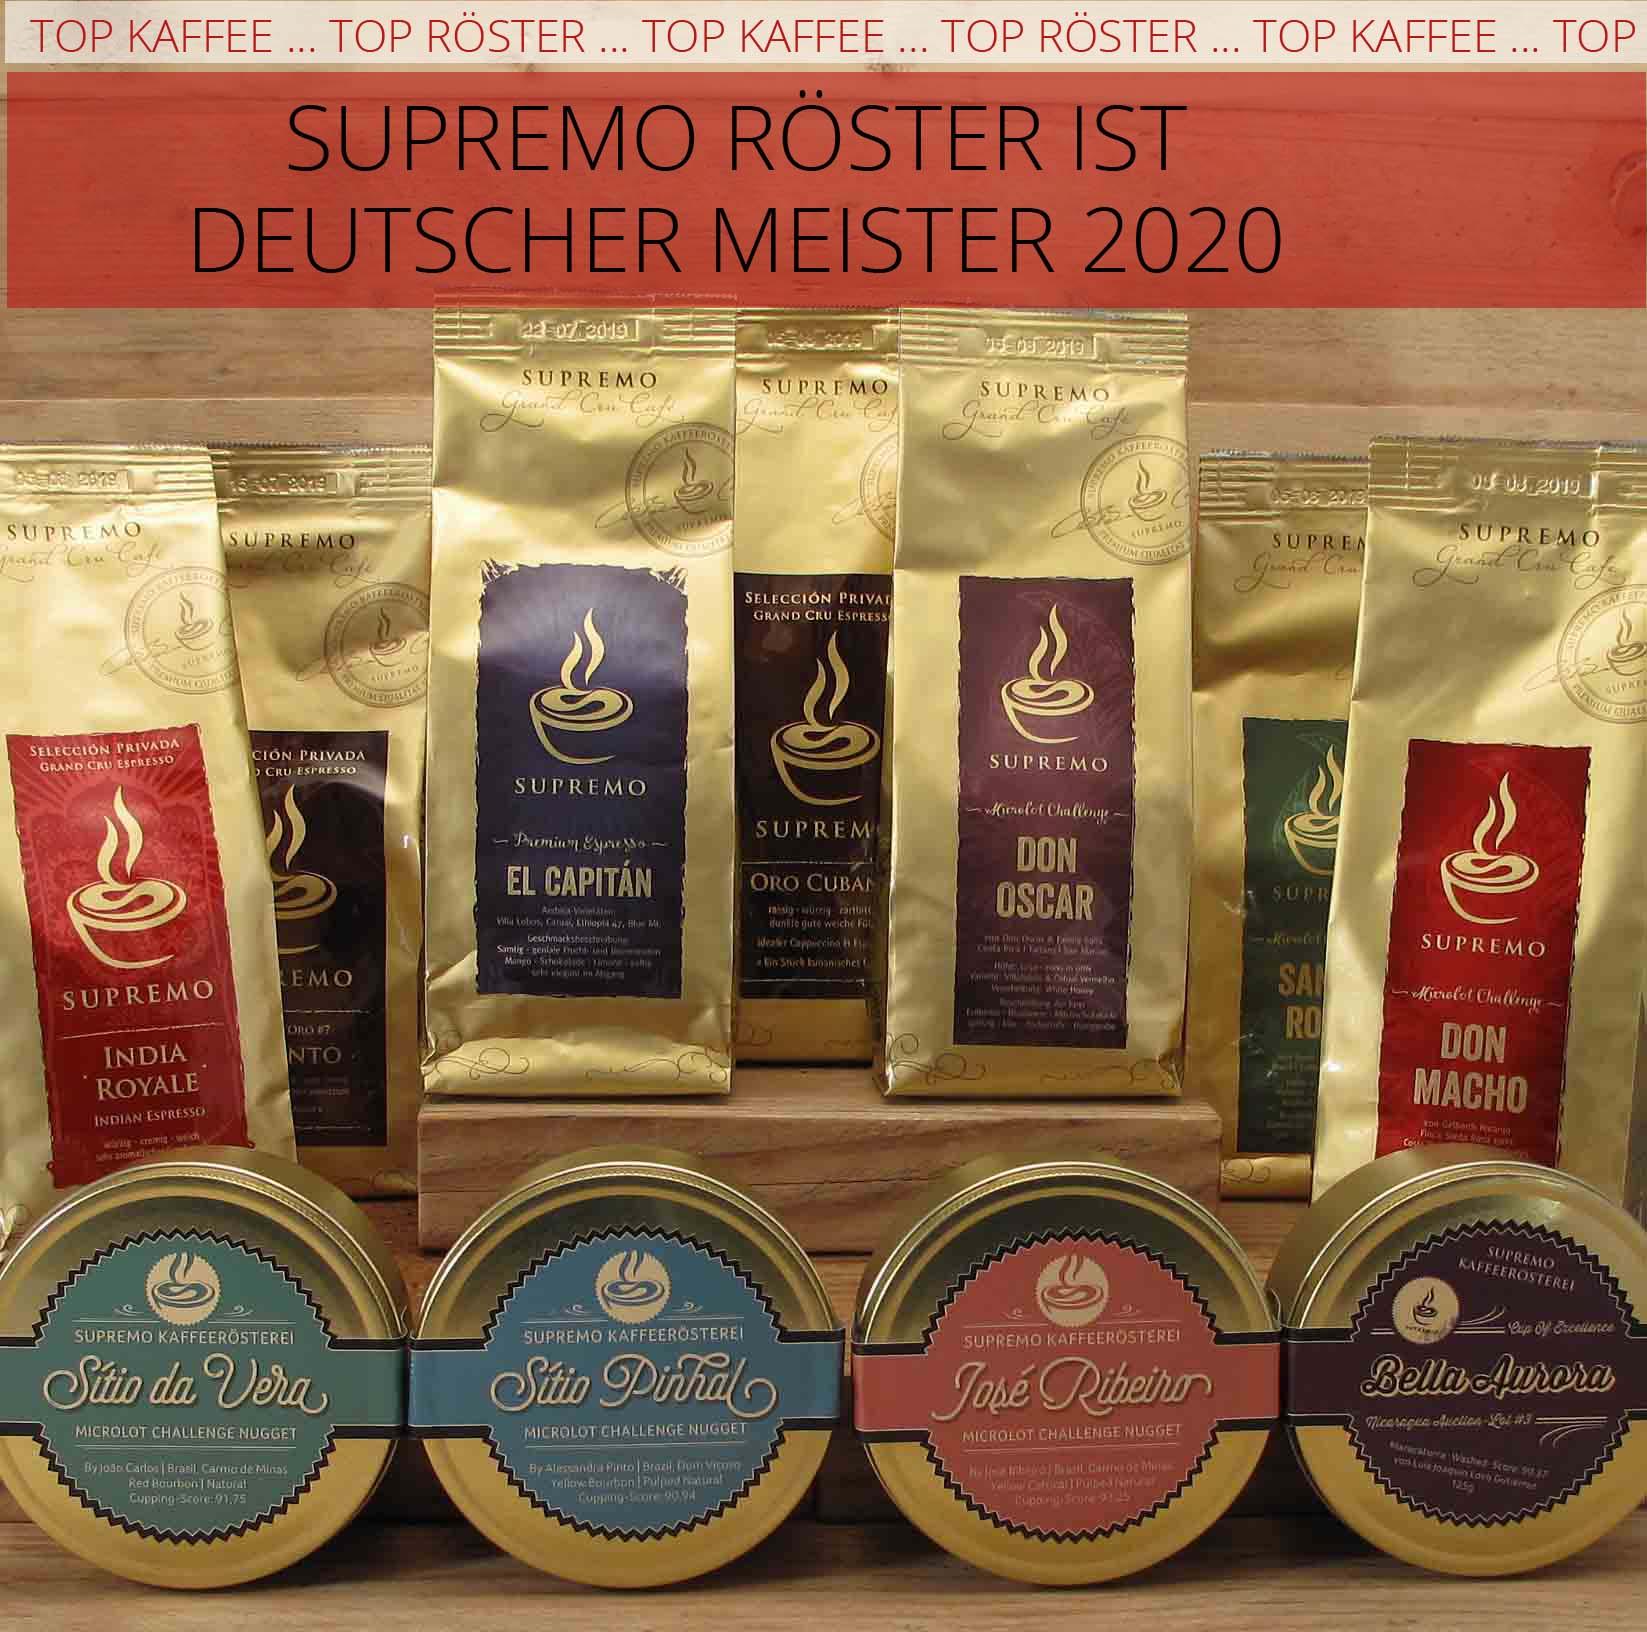 Supremo-Roster-Dt-Meister-2020-Kopie